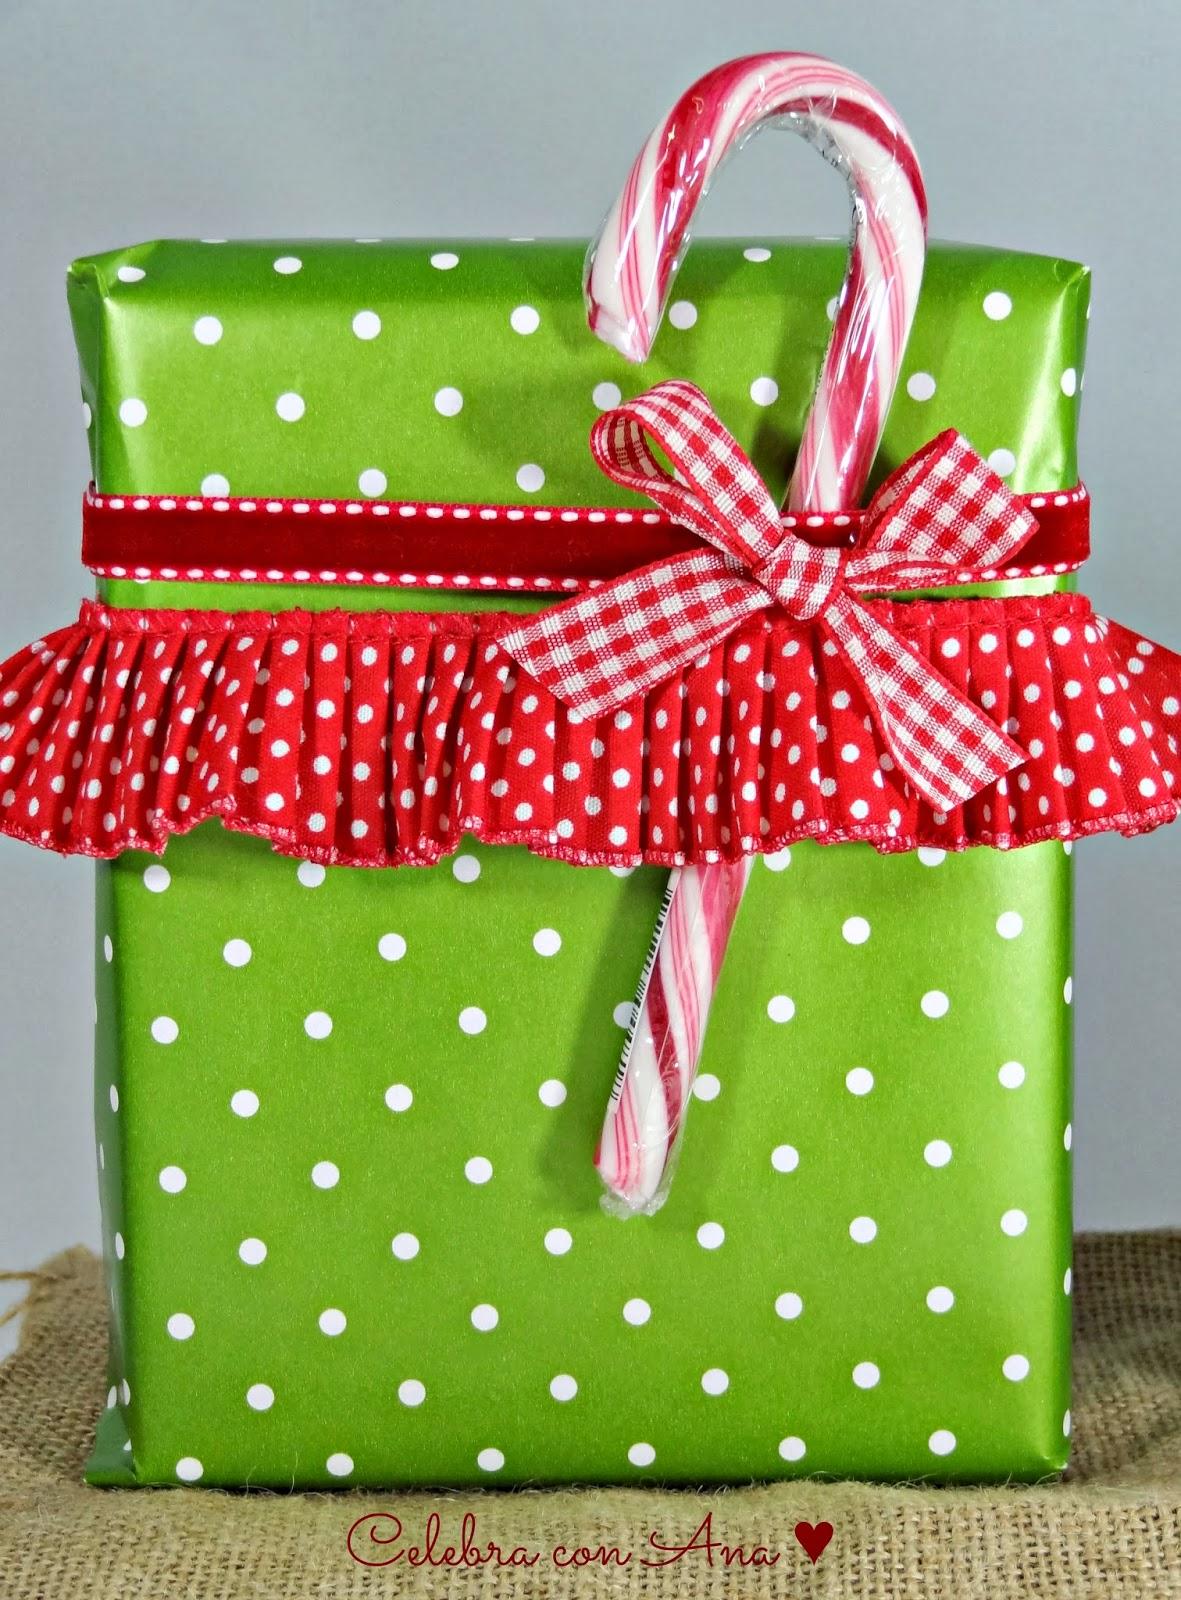 Celebra con ana compartiendo experiencias creativas de - Papel de regalo navidad ...